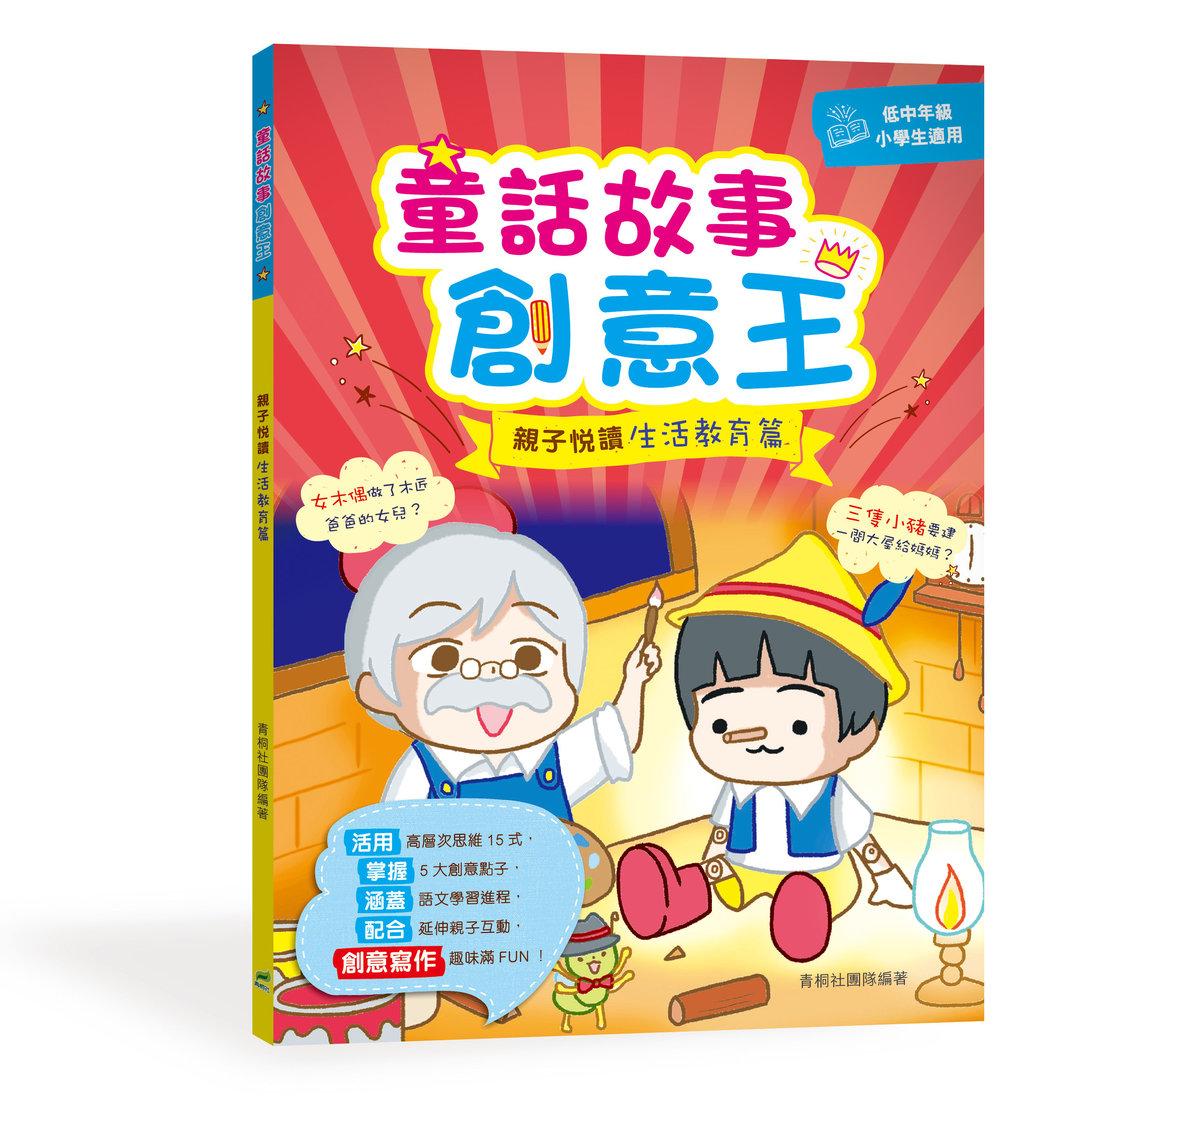 童話故事創意王: 親子悅讀生活教育篇